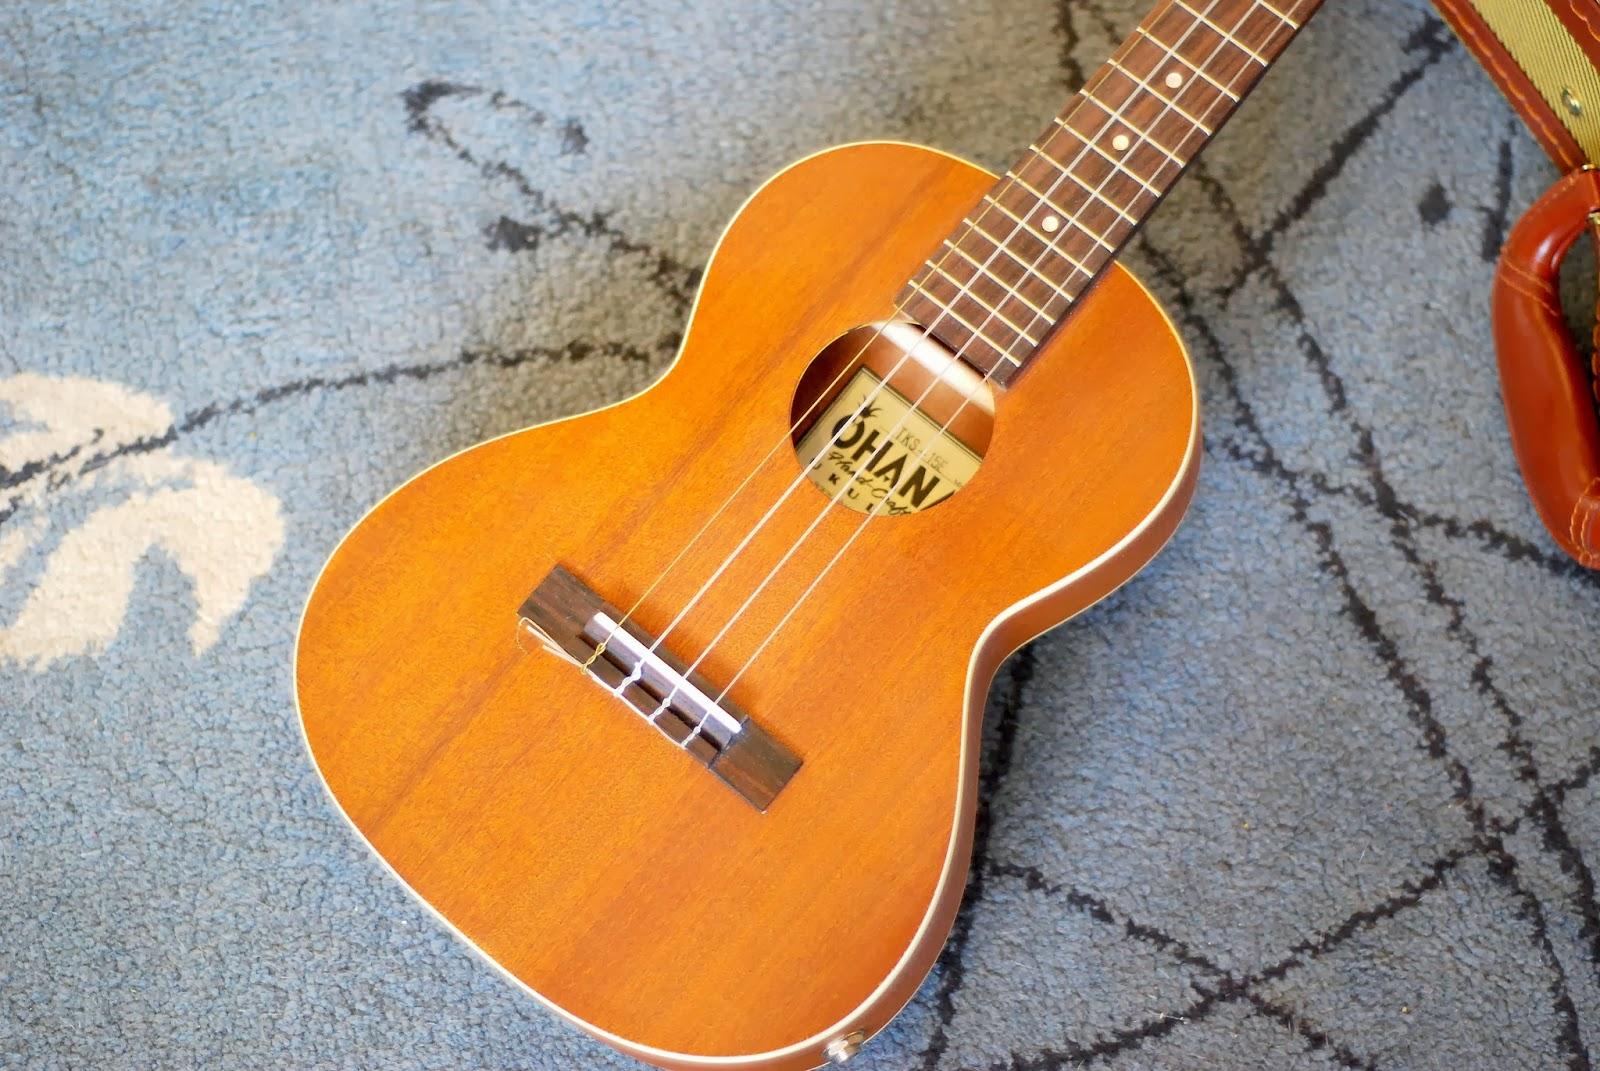 Ohana TKS-15E ukulele body